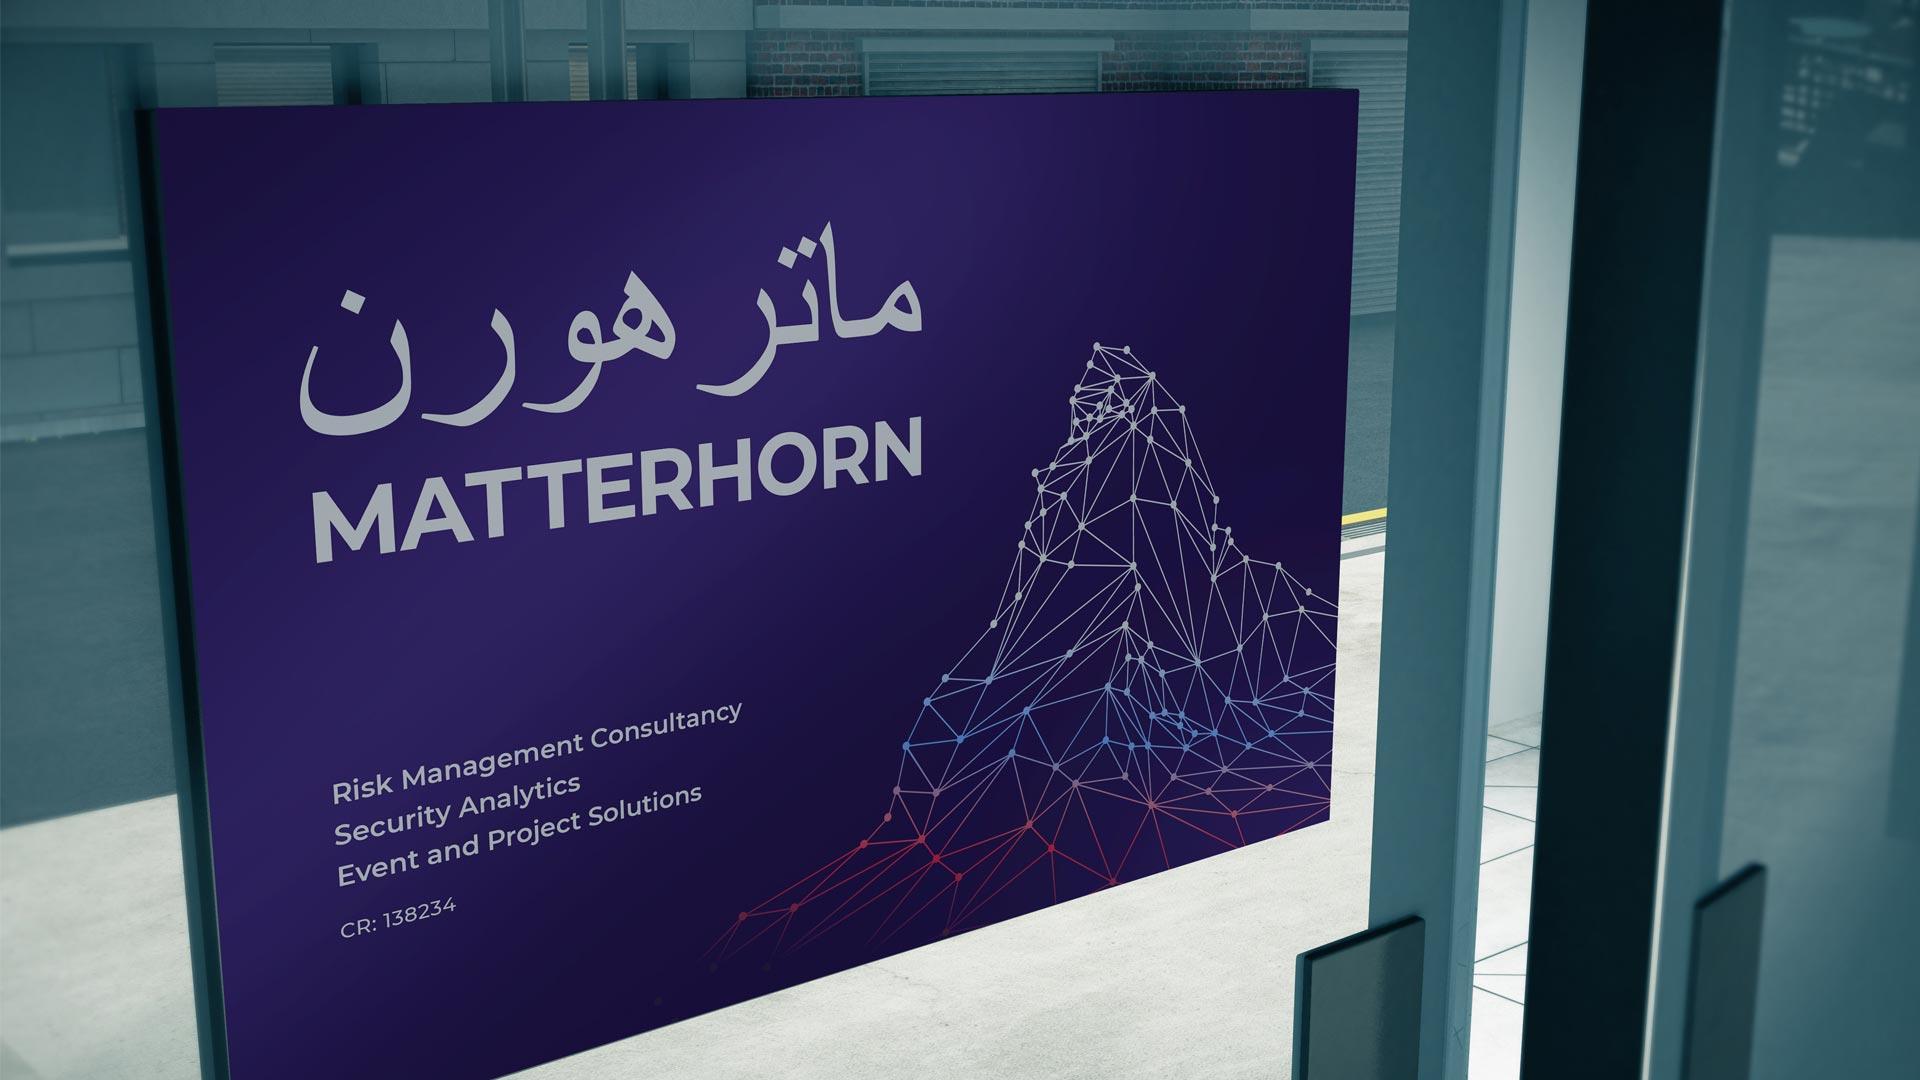 matterhorn branded signage